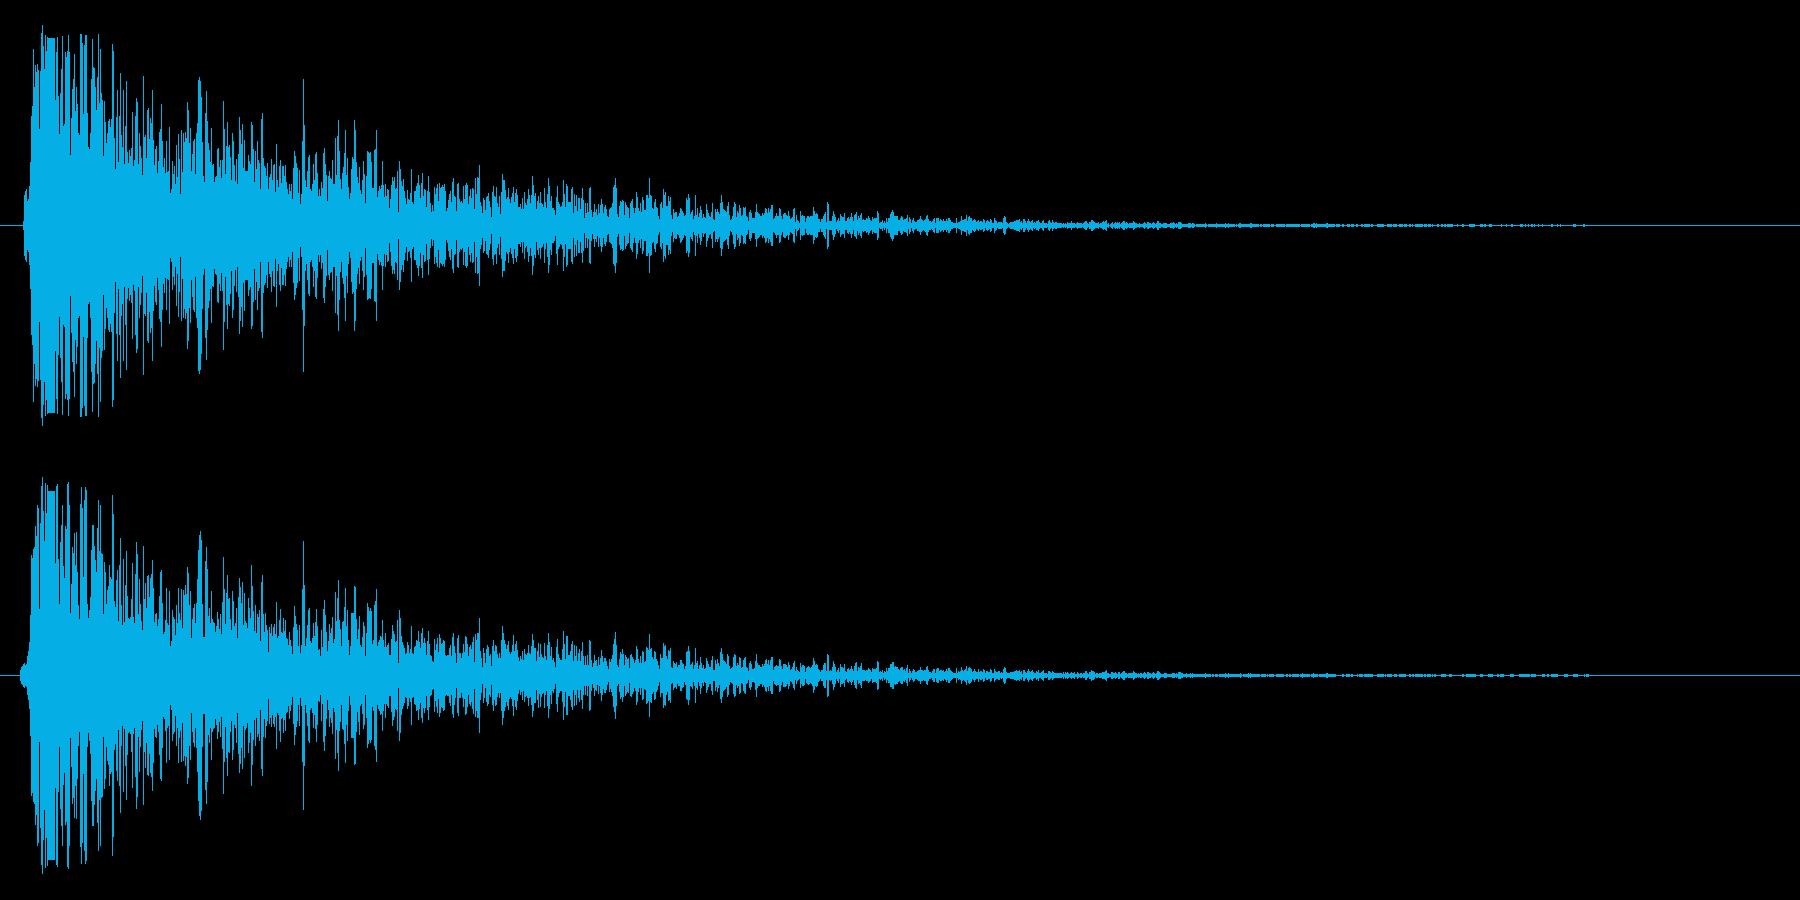 スネアを叩く楽器の効果音の再生済みの波形